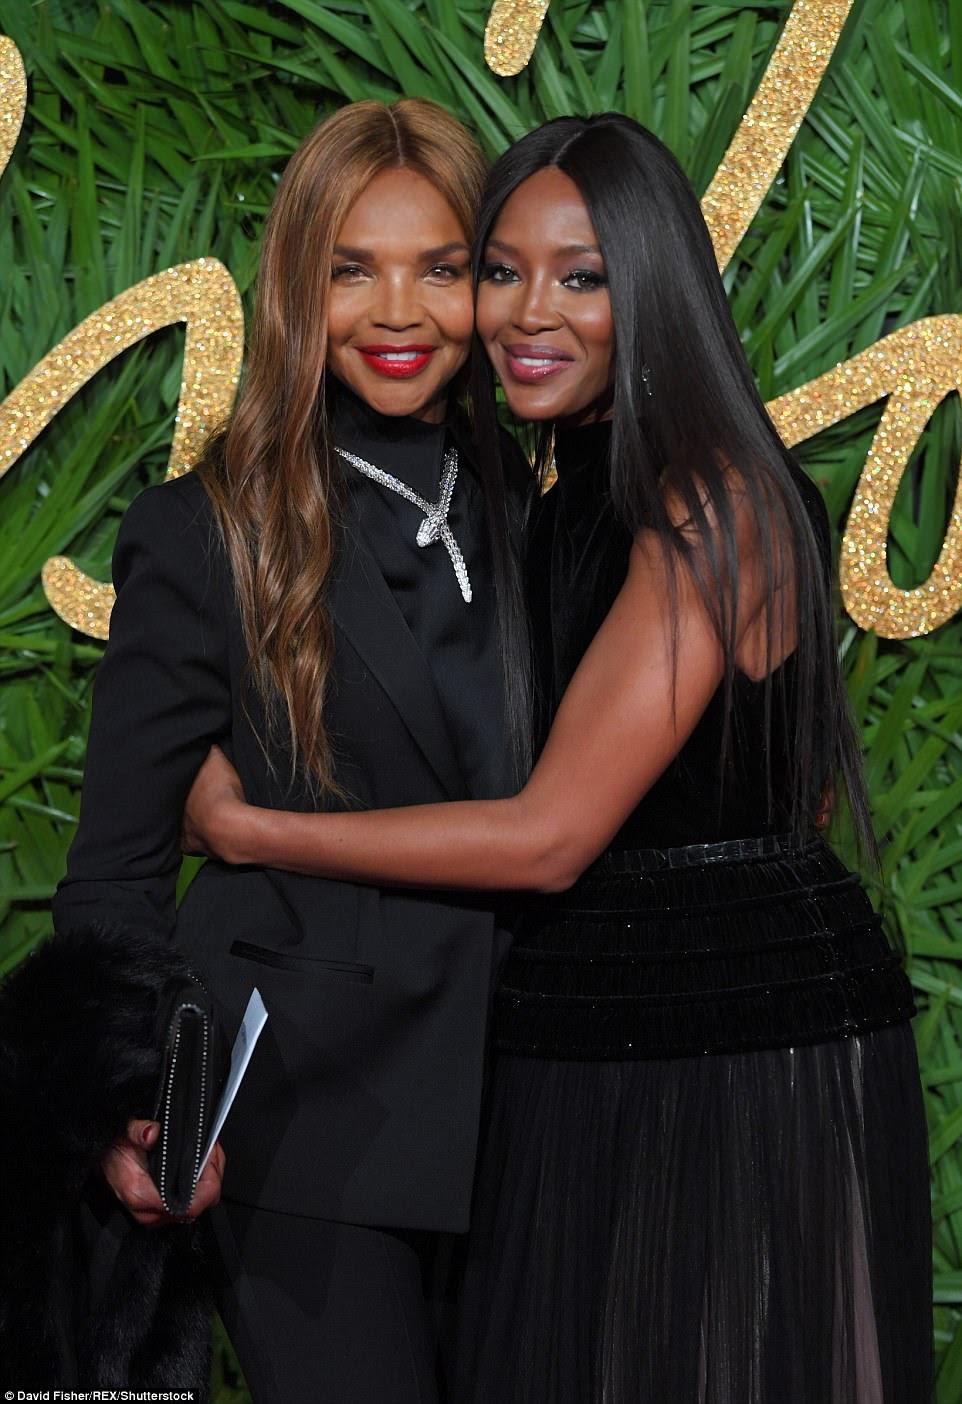 Ótimo momento: Naomi Campbell fez uma aparência rara com a mãe Valerie Morris no evento estrela-studded